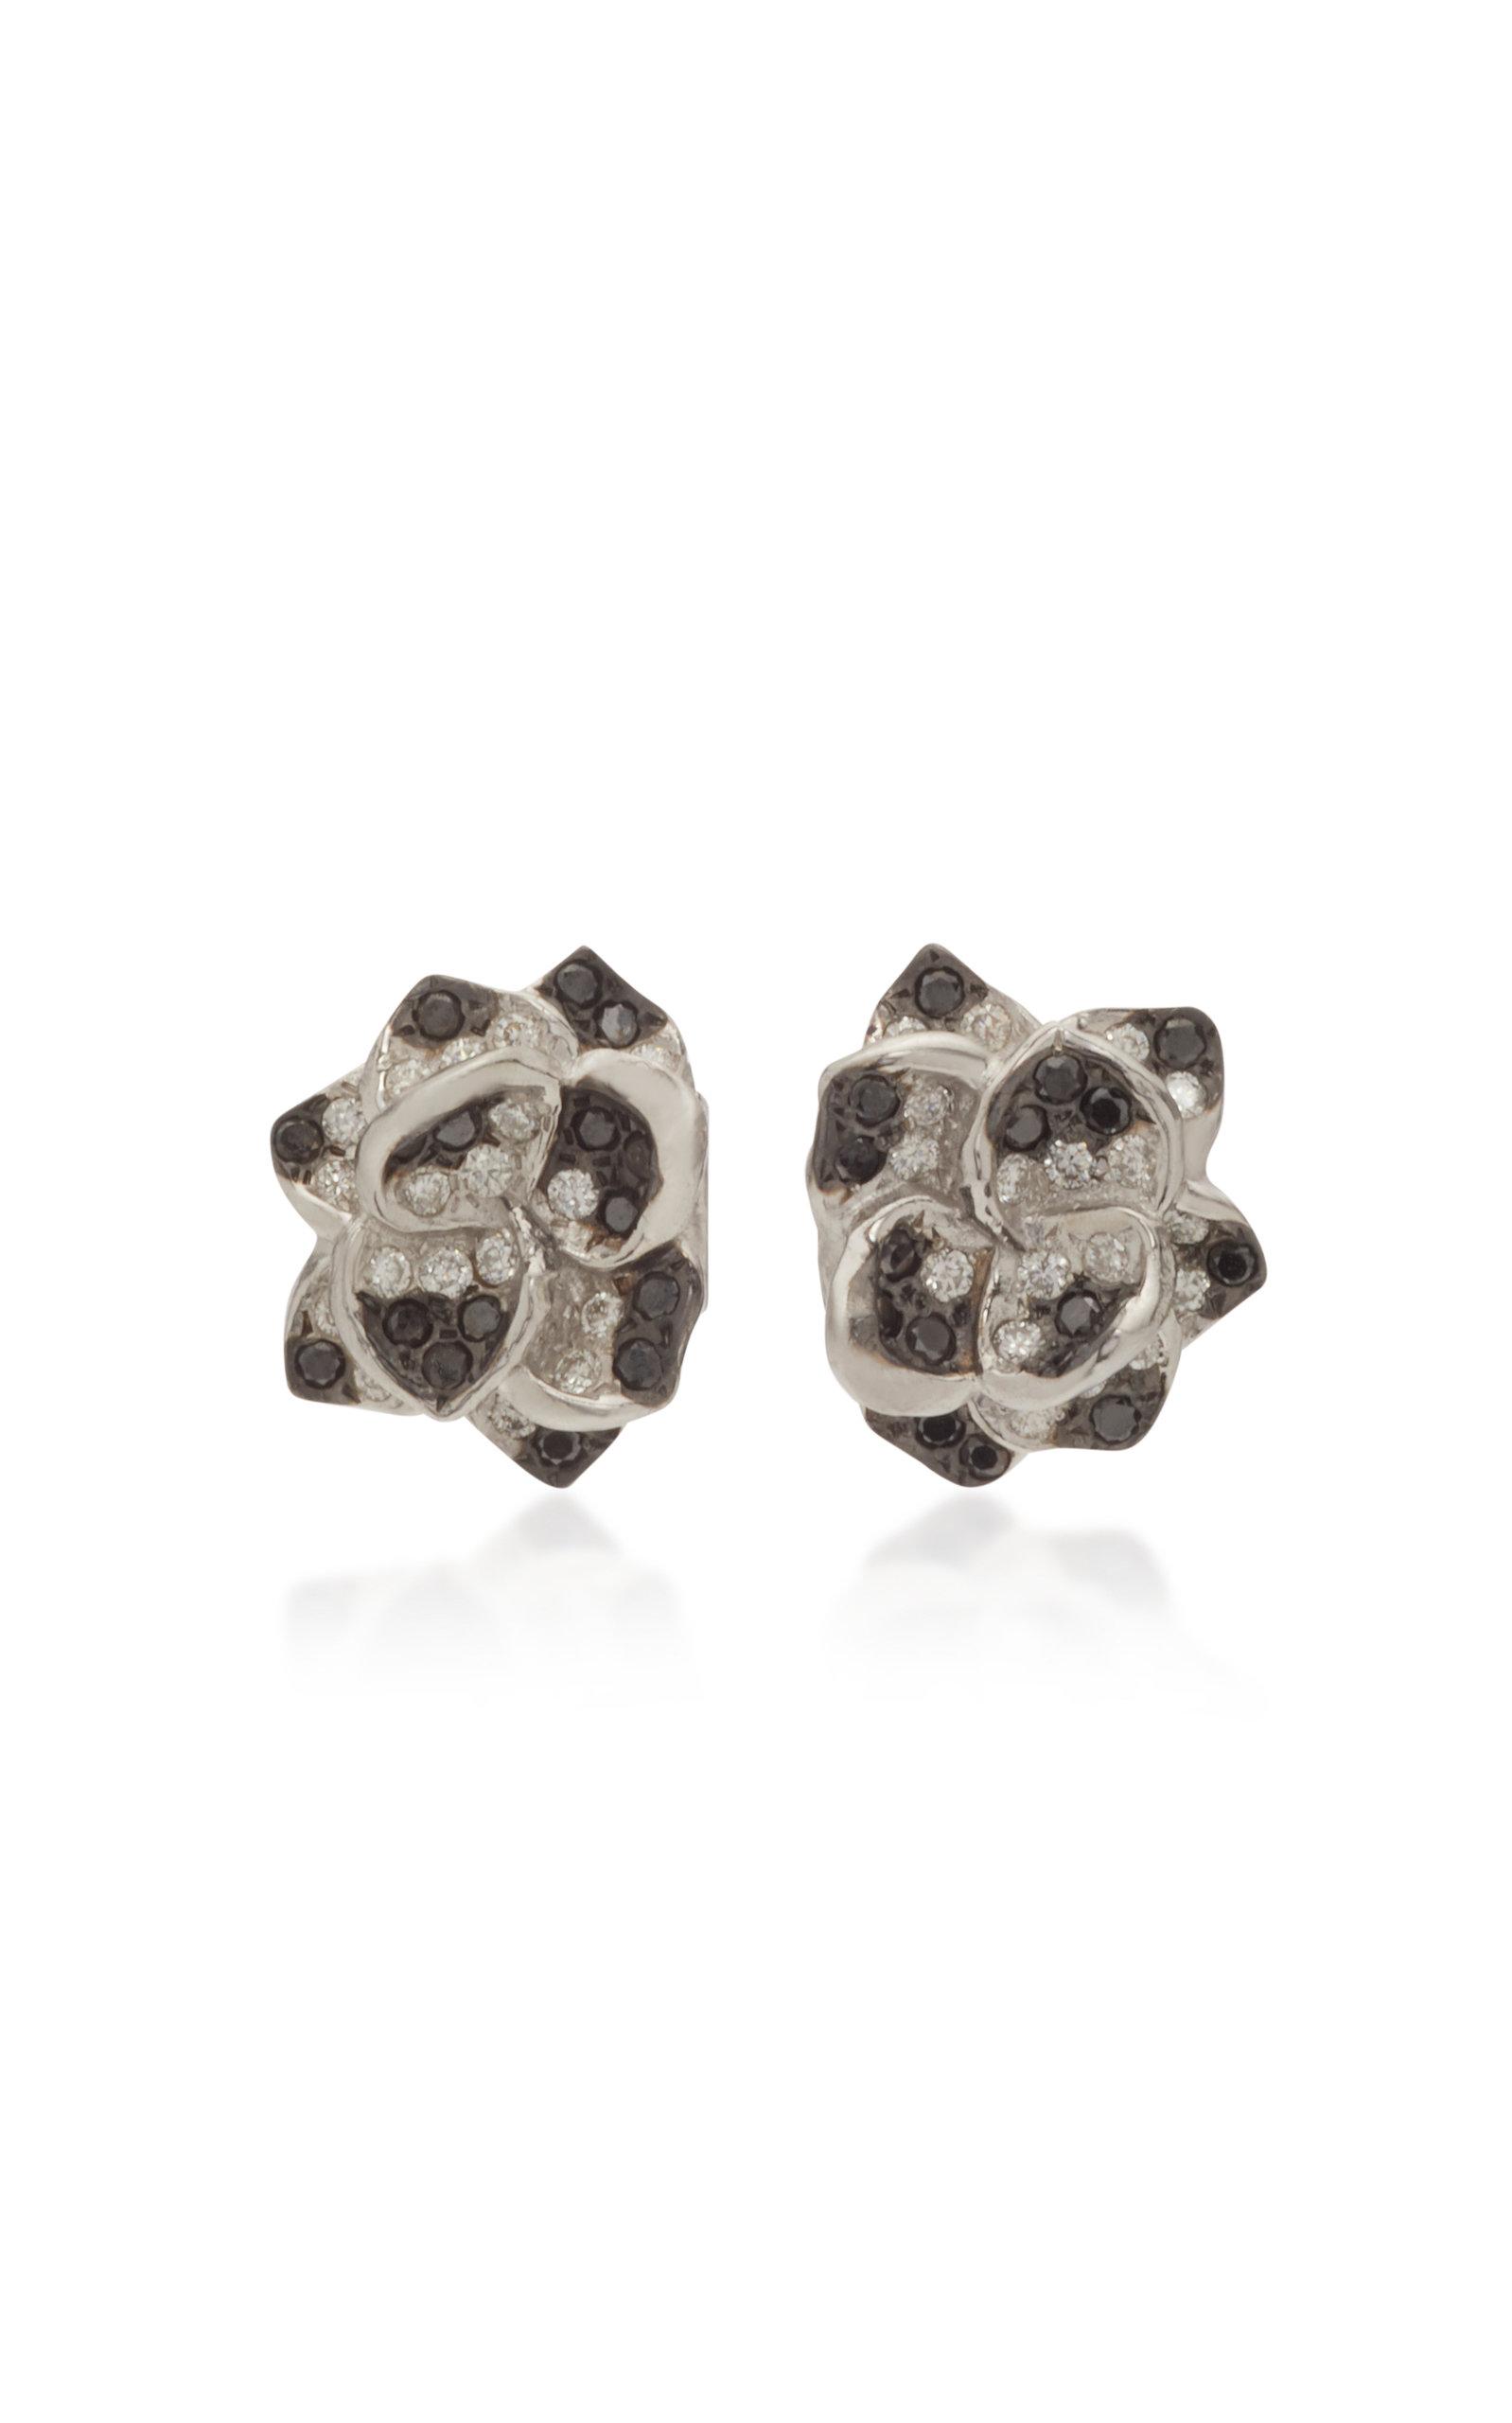 Women's 18K White Gold and Diamond Earrings